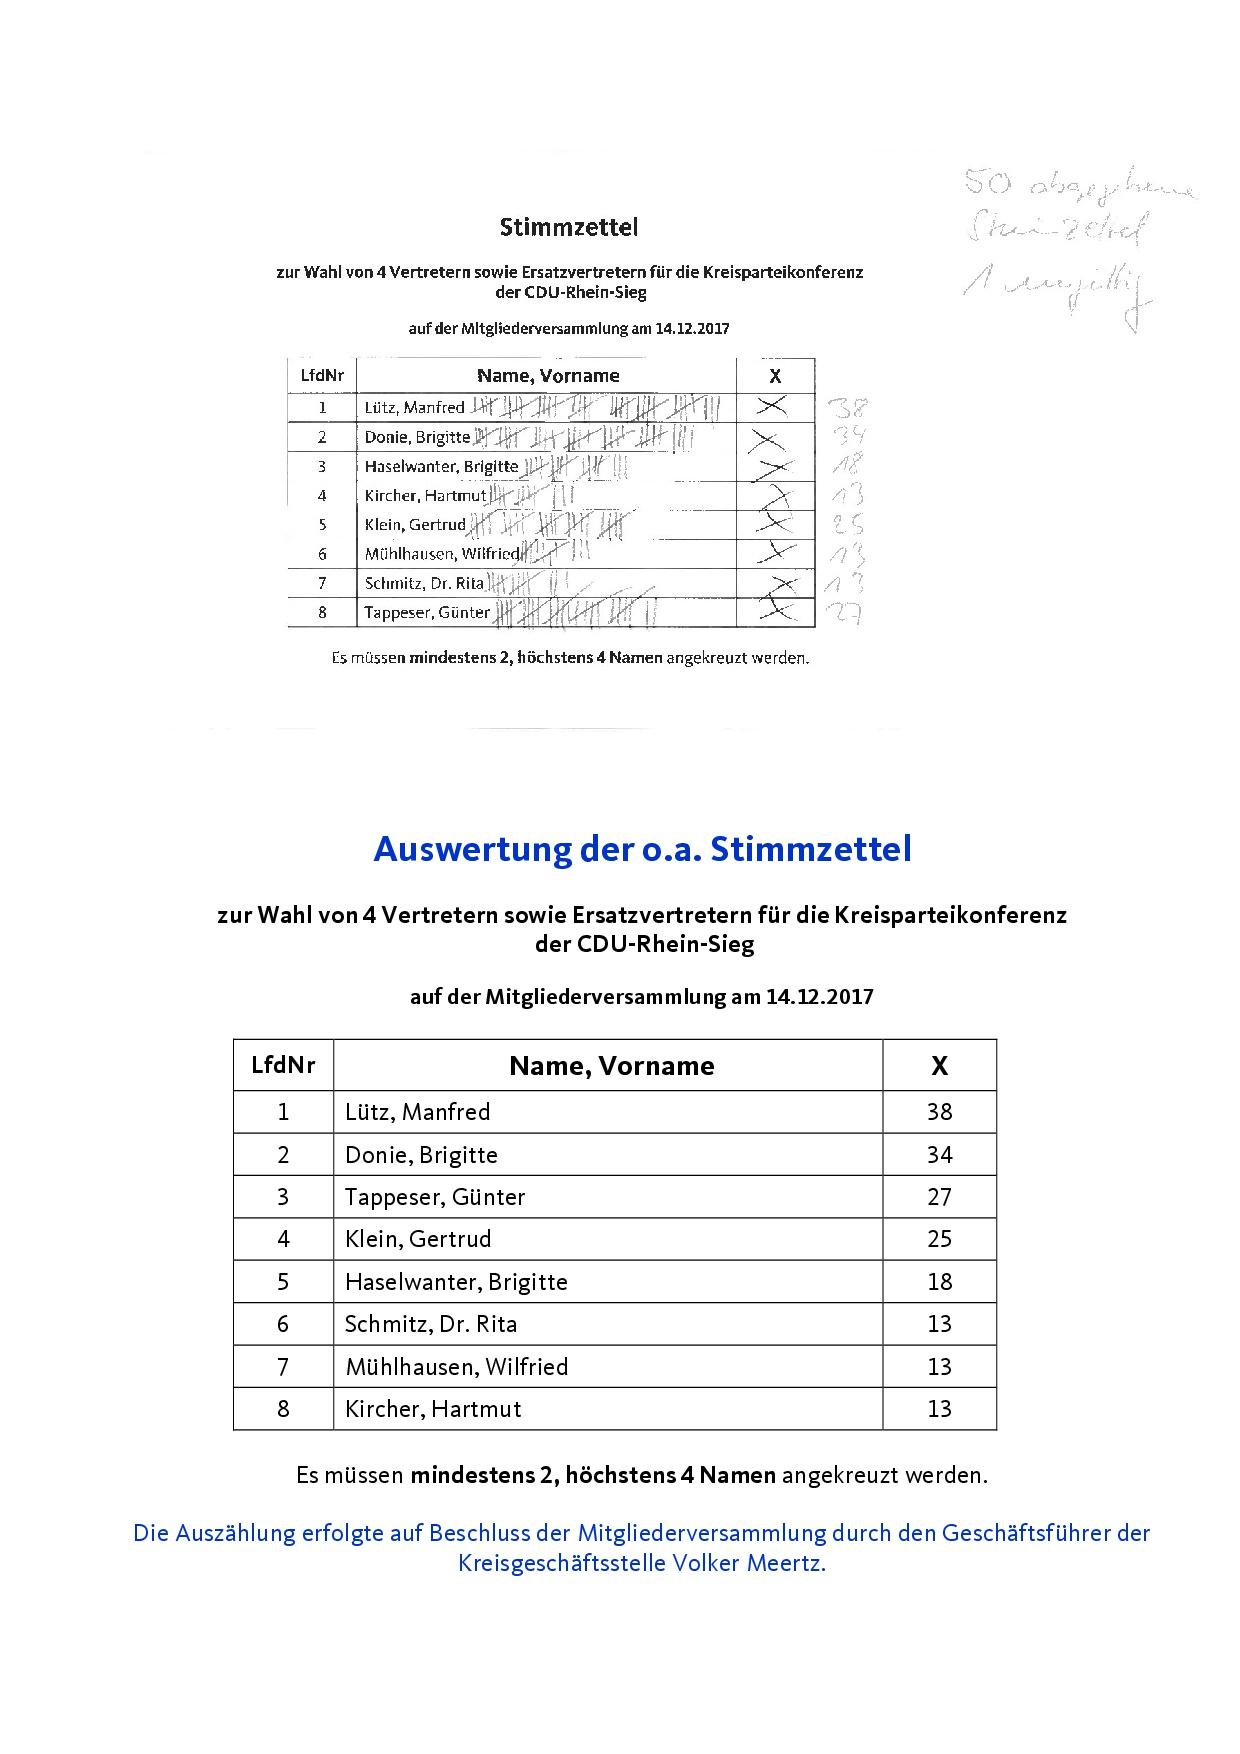 Stimmzettelauswertung f.d. Wahl v. 4 Vertretern u. Ersatzvertretern f.d. Kreisparteikonferenz